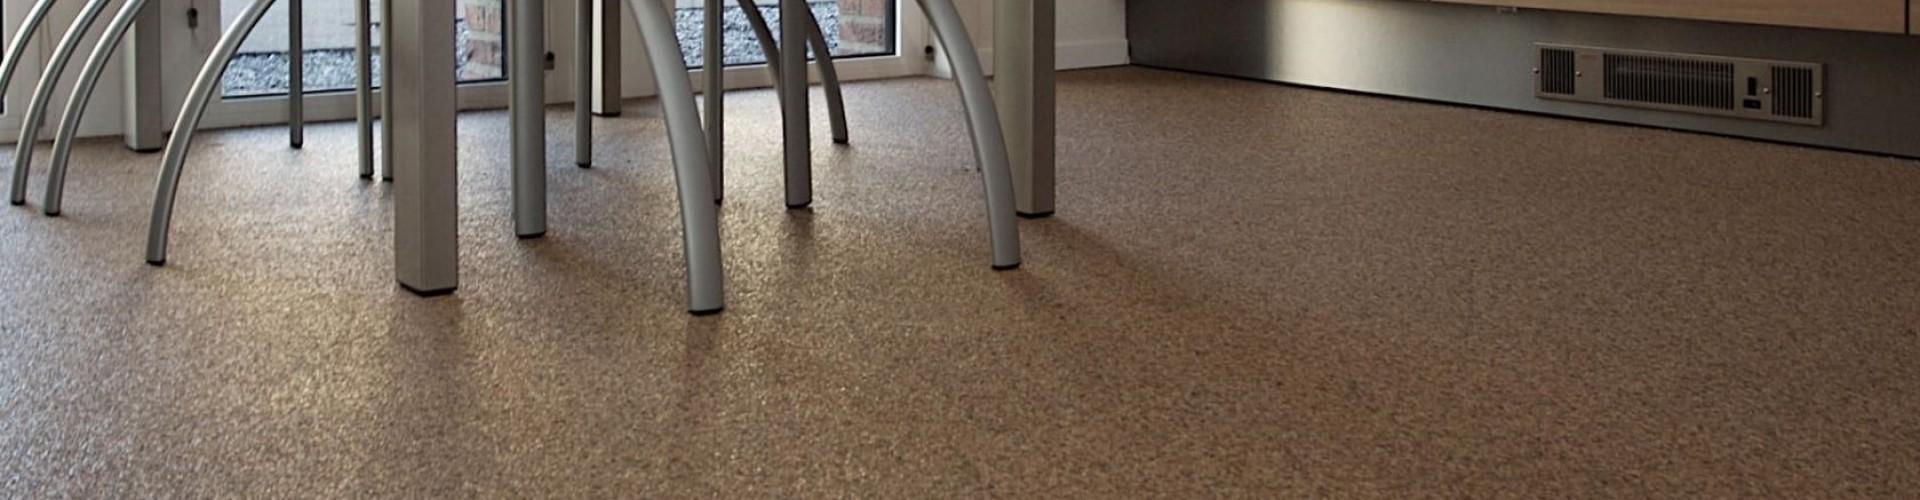 Grindvloer laten schoonmaken Heerlen, Maastricht, Sittard